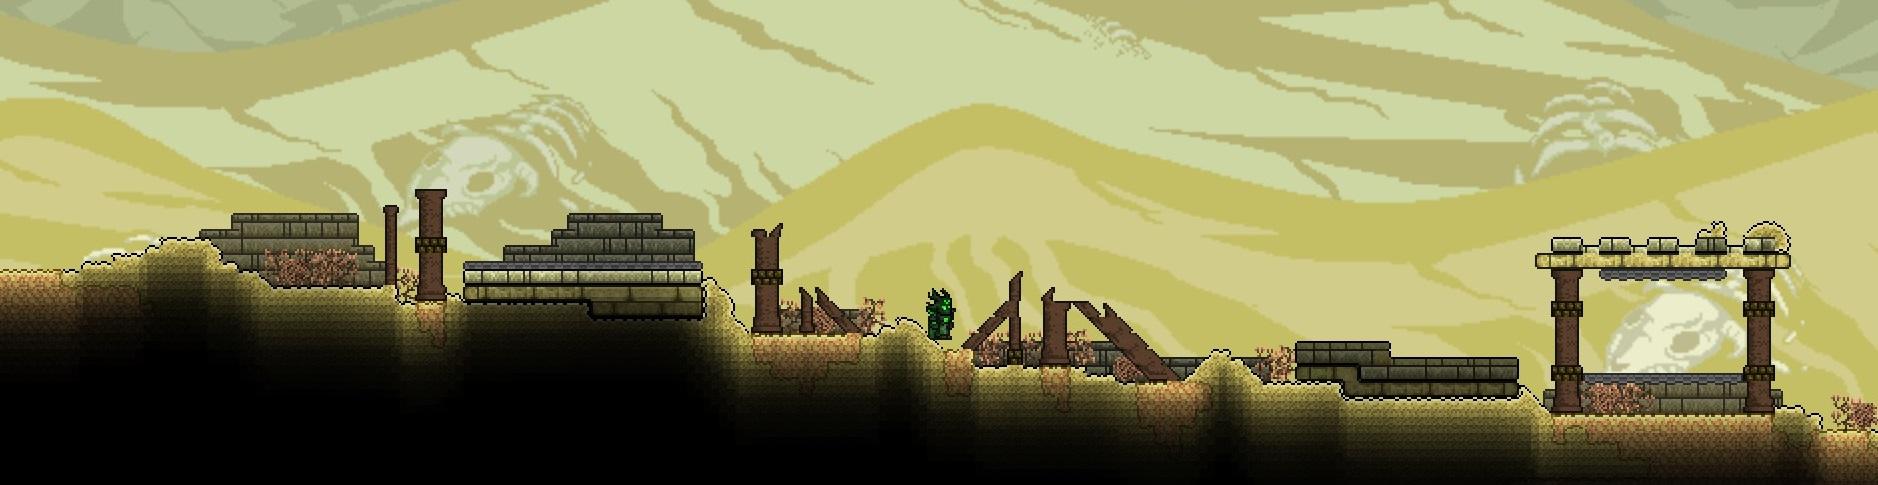 Desert Outpost 7.jpg